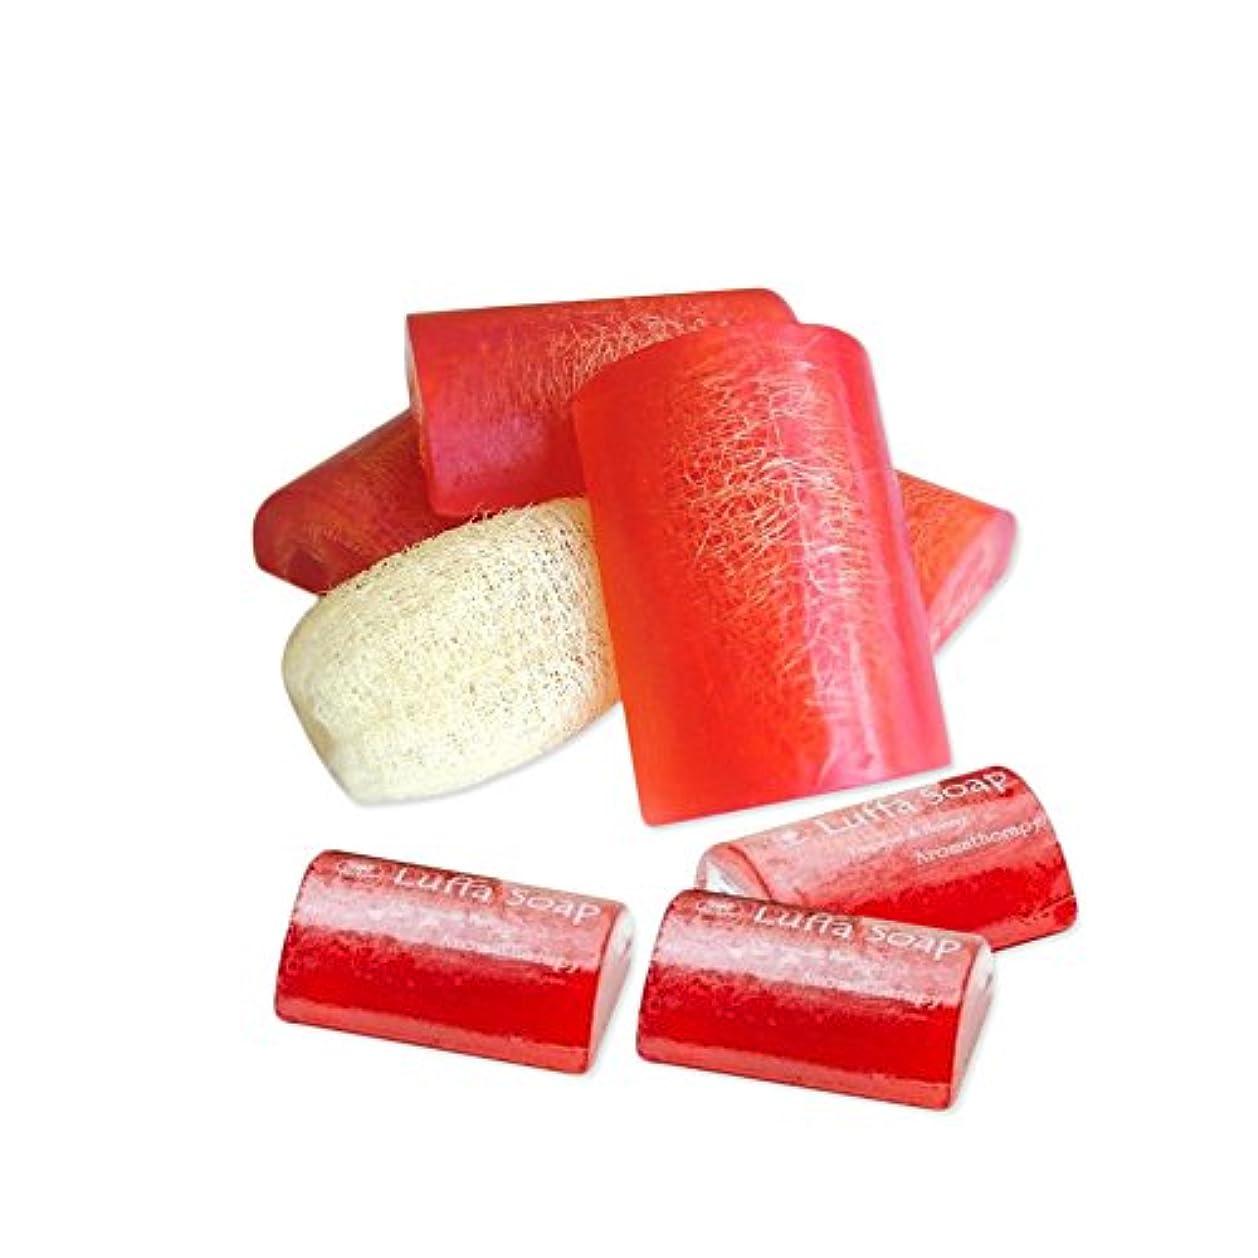 病的トレイ口頭Soap Net Nature Handmade AromaPapaya Honey Scrub Herbal Natural Relaxing After Work & Sport A luffa middle the...